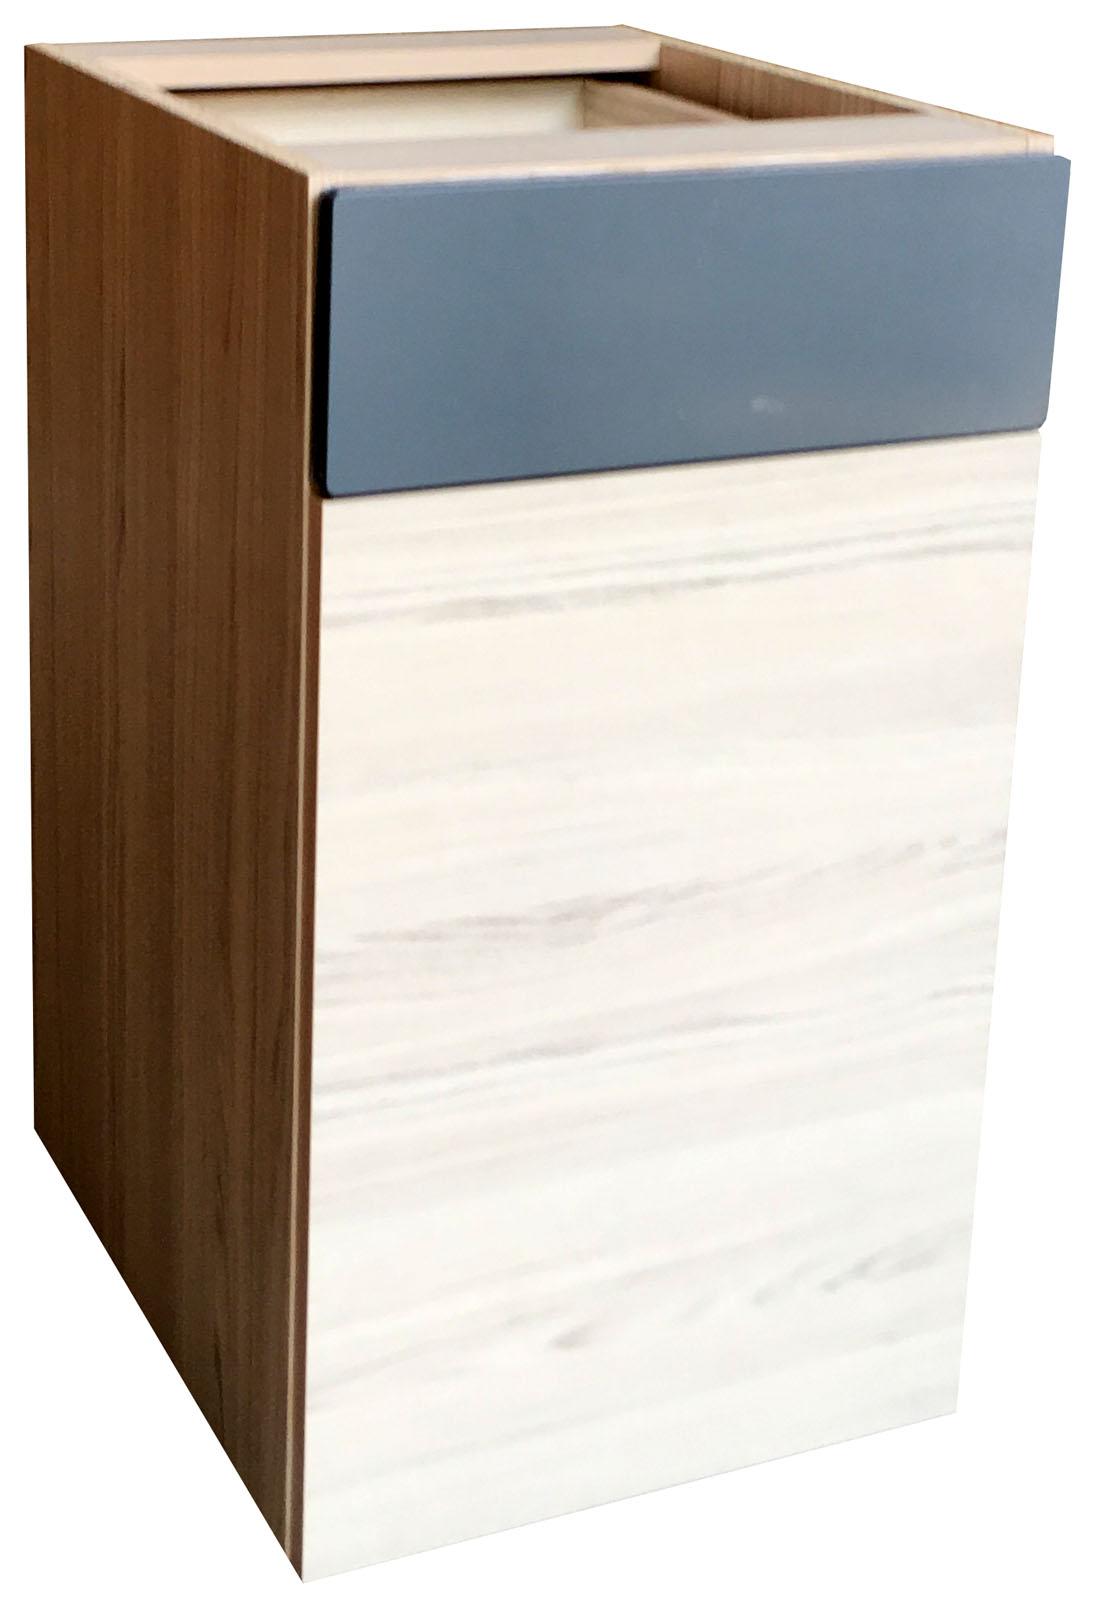 Spodní kuchyňská skříňka Iga 40 cm s šuplíkem - výprodej